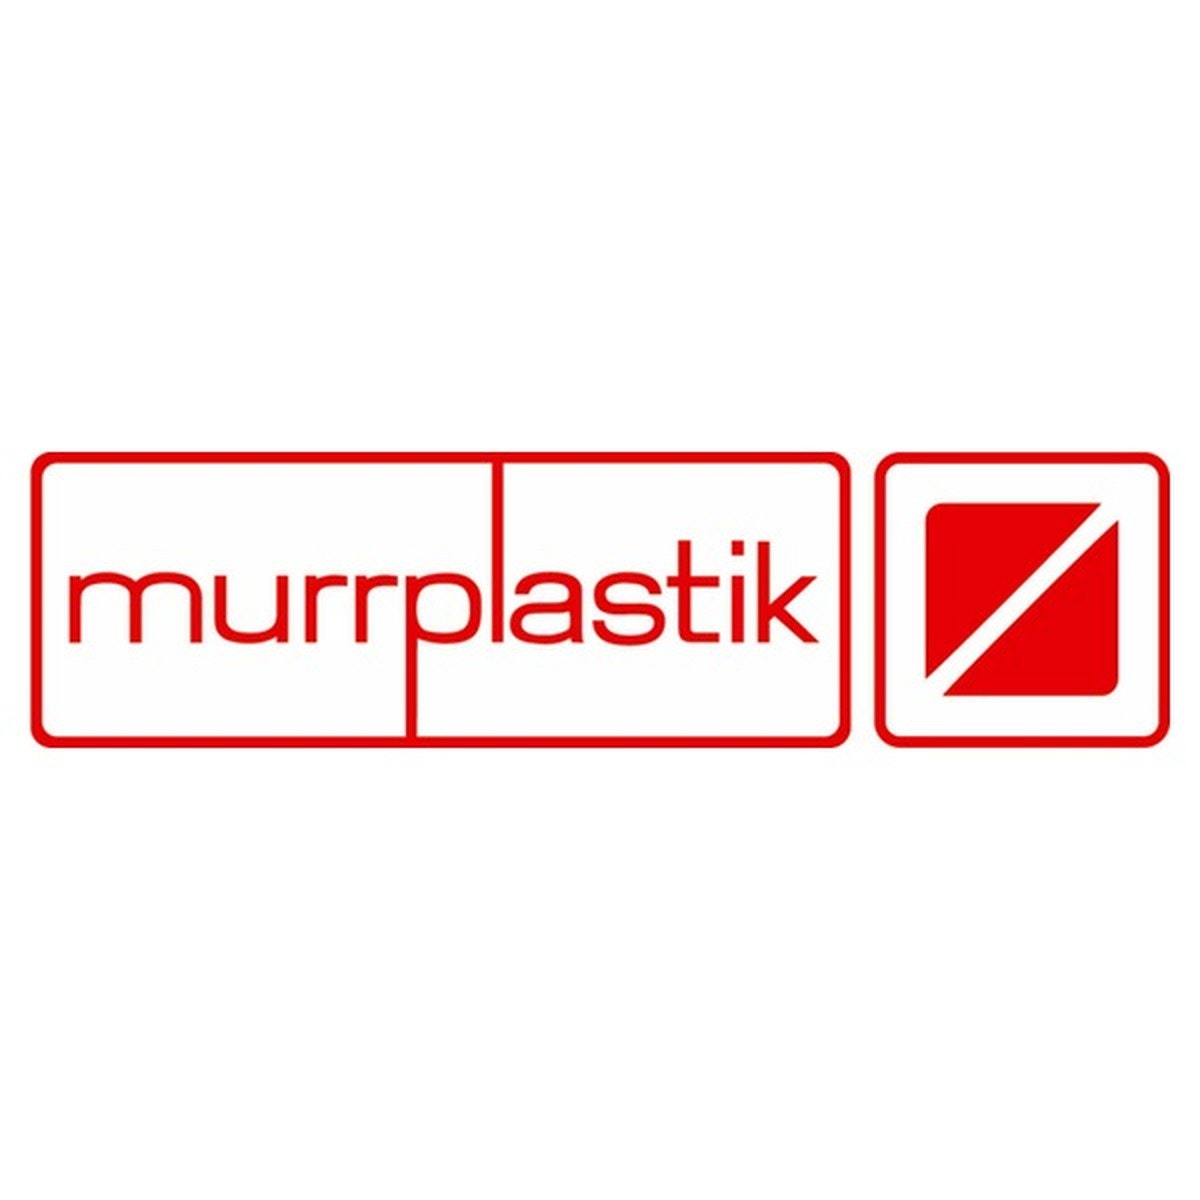 Murrplastik Verwaltungs- und Beteiligungs GmbH